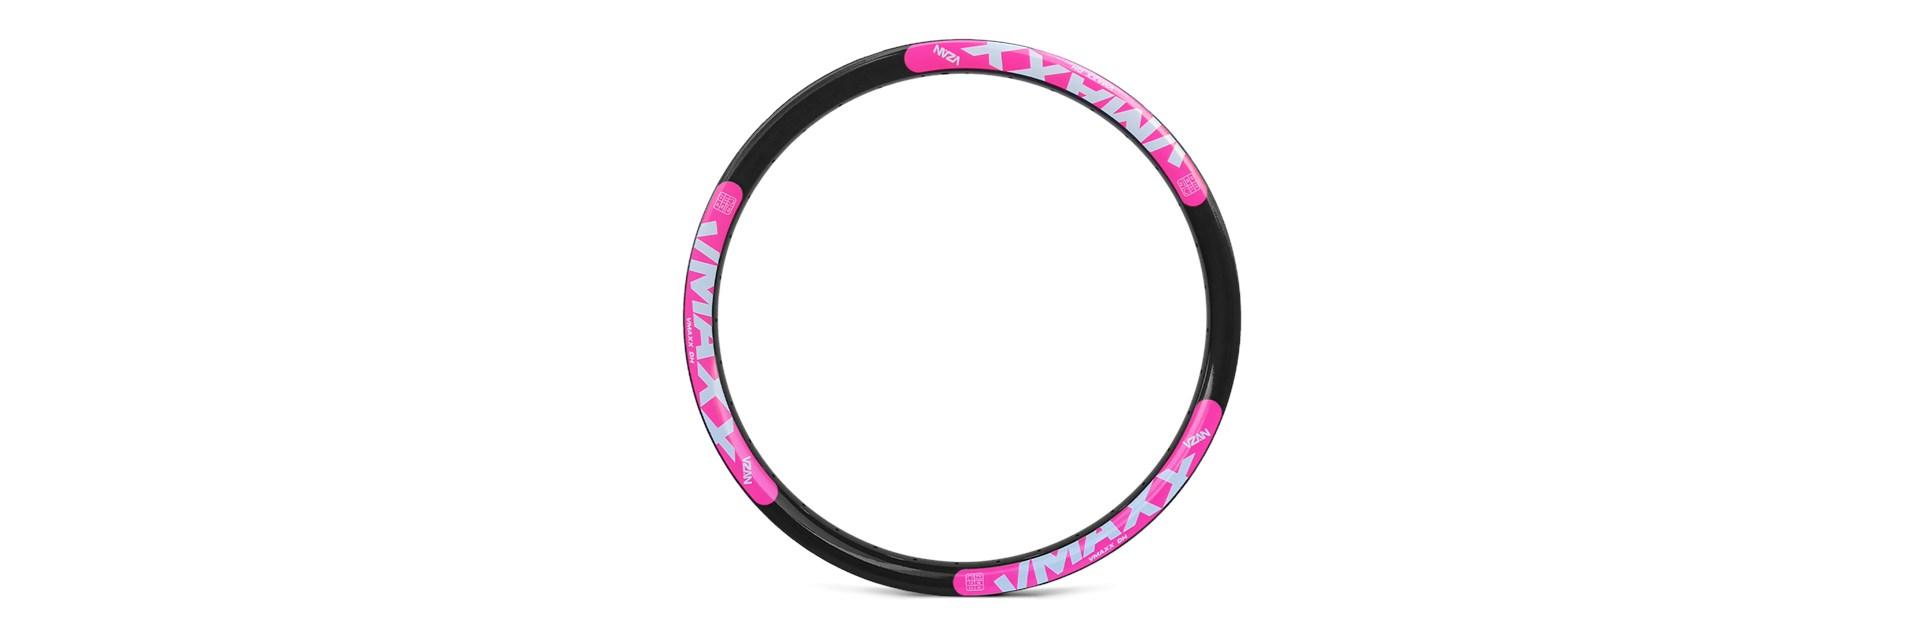 Aro Vmaxx Lt 26/36F Preto Disc - Ad Rosa Neon